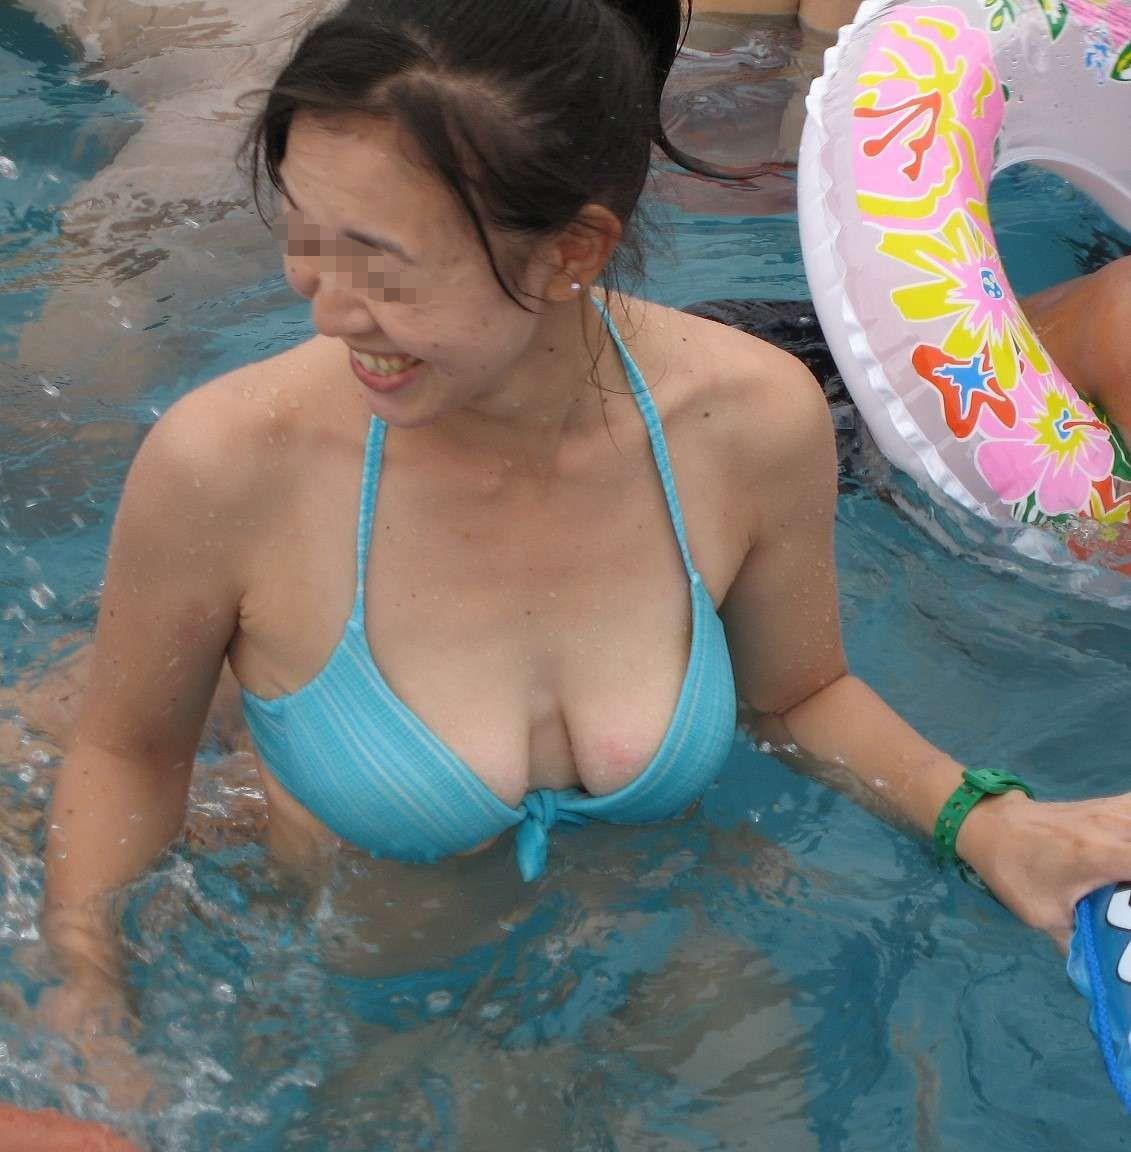 【水着素人画像】人妻補正が効きすぎてエロスwwwママさんたちの水着姿 19